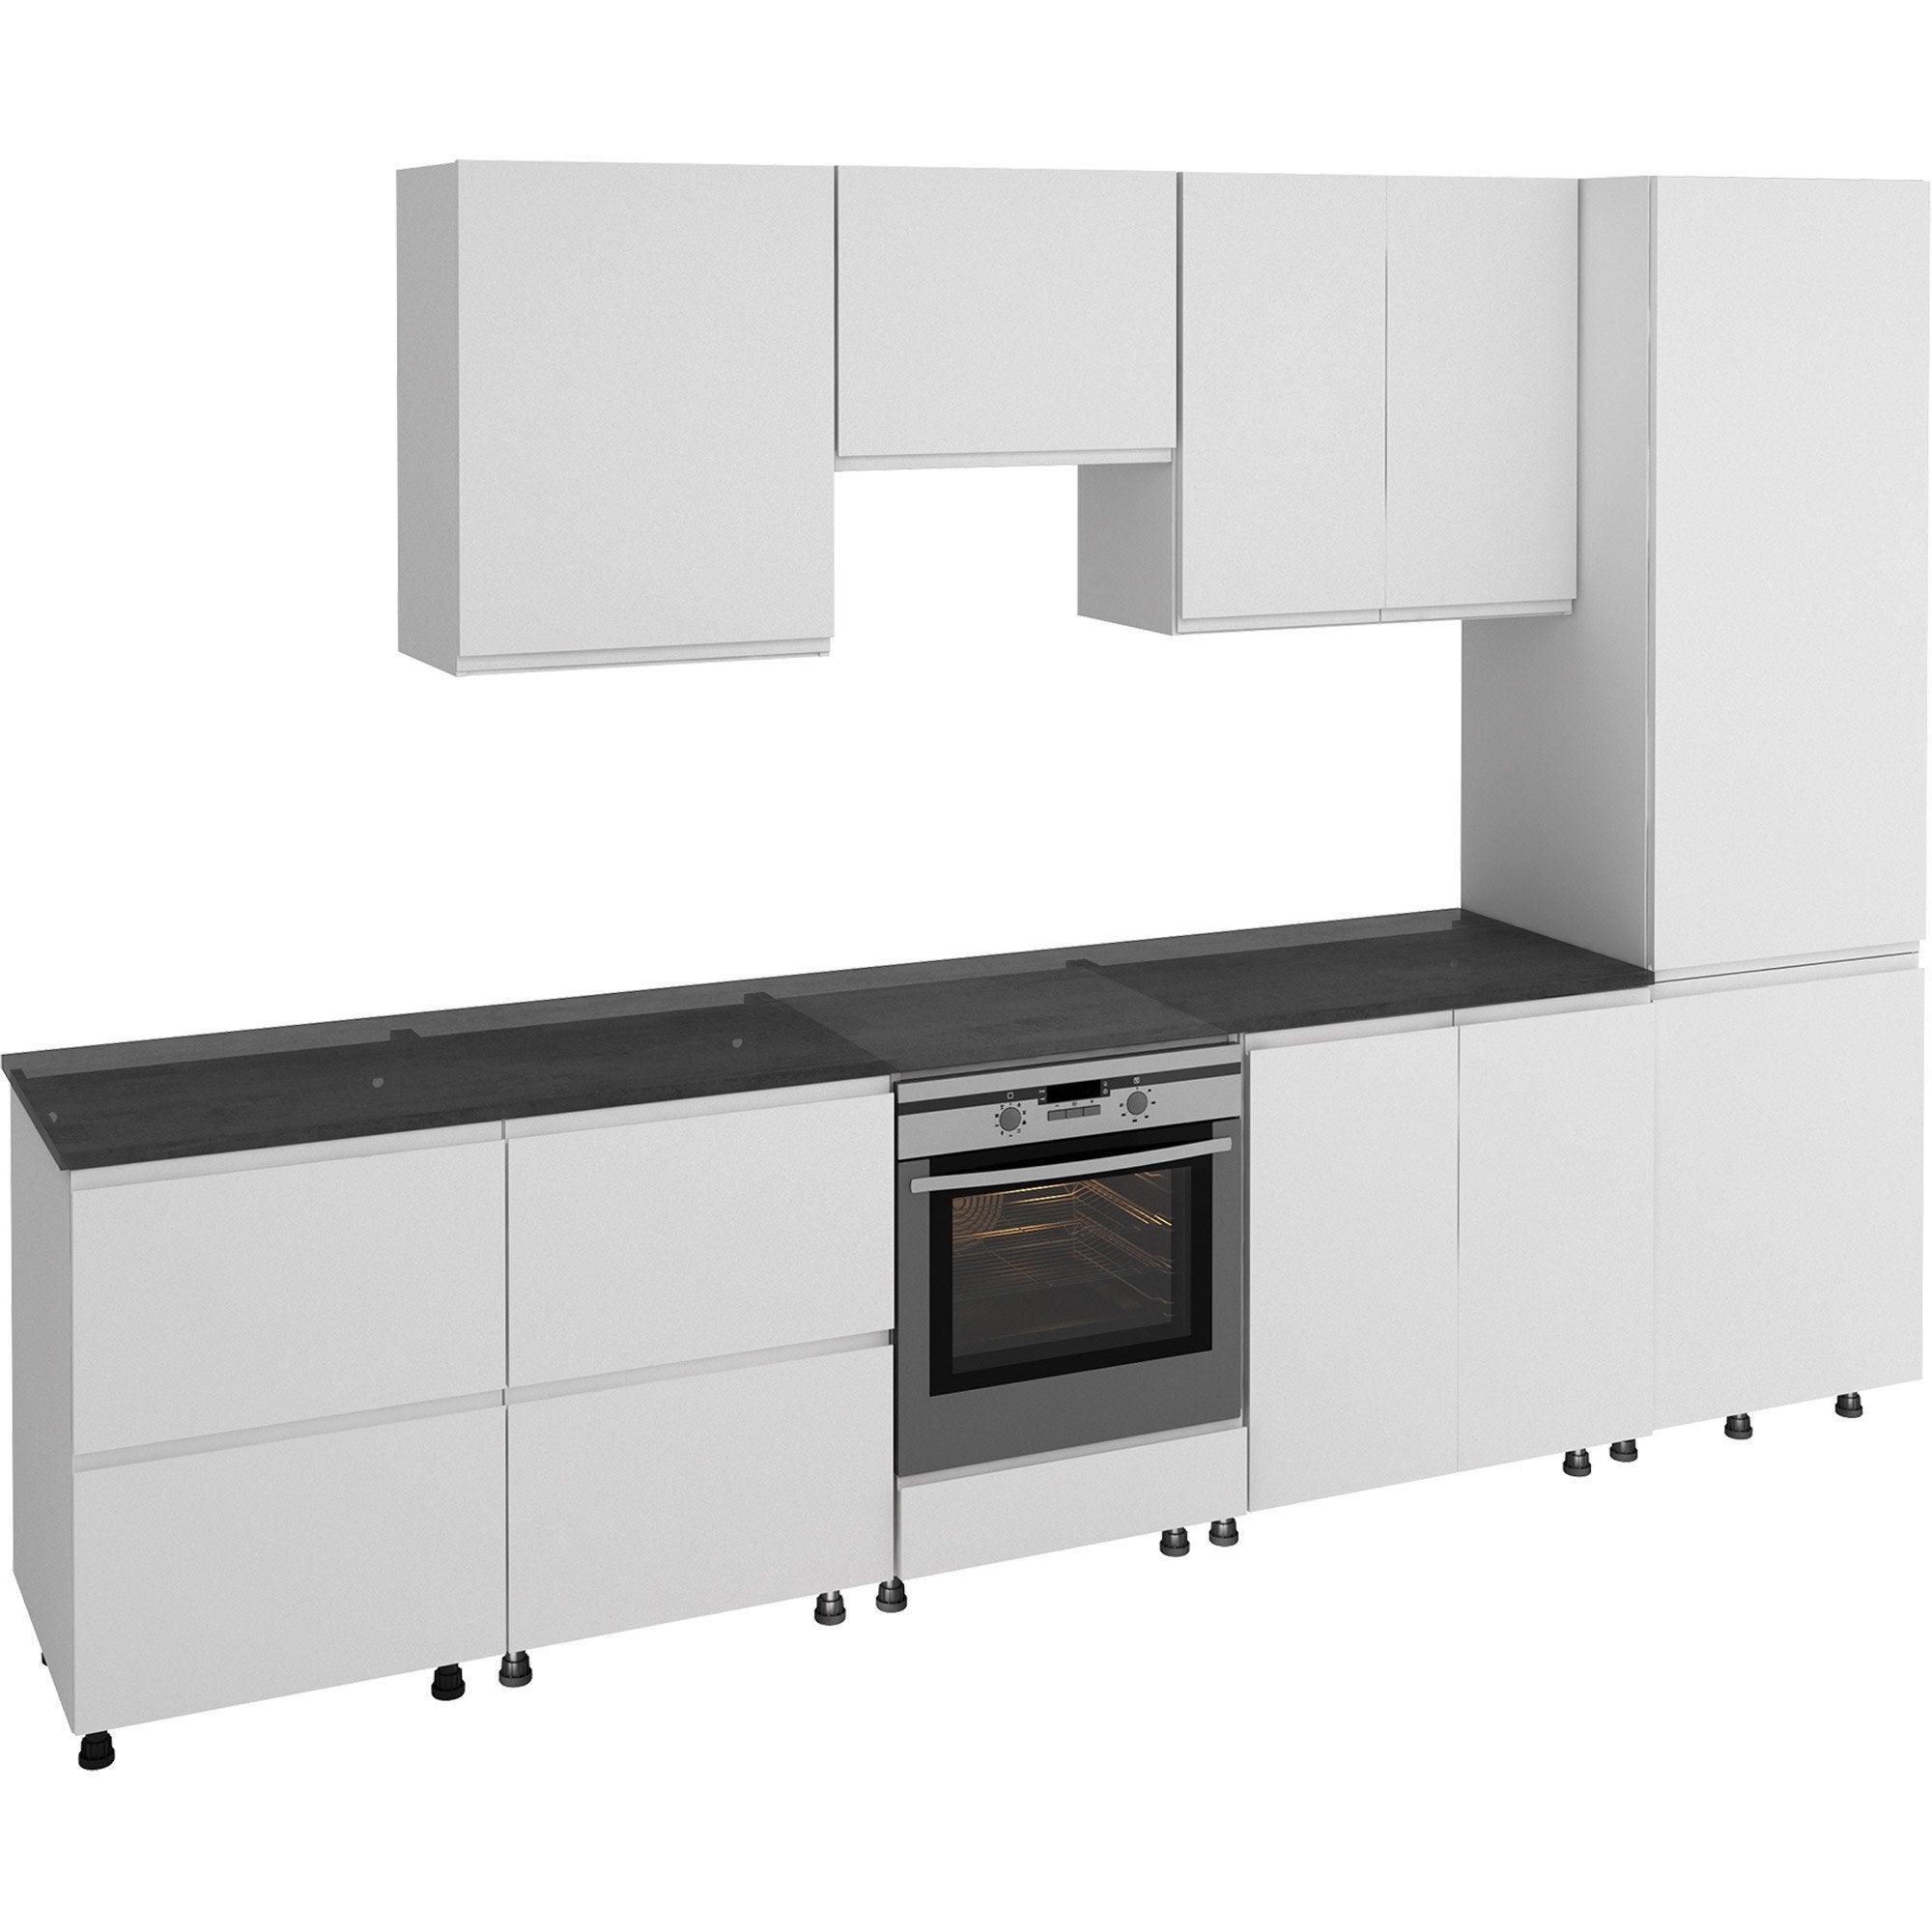 Nettoyer Les Placards De Cuisine cuisine tokyo blanc l.320 cm